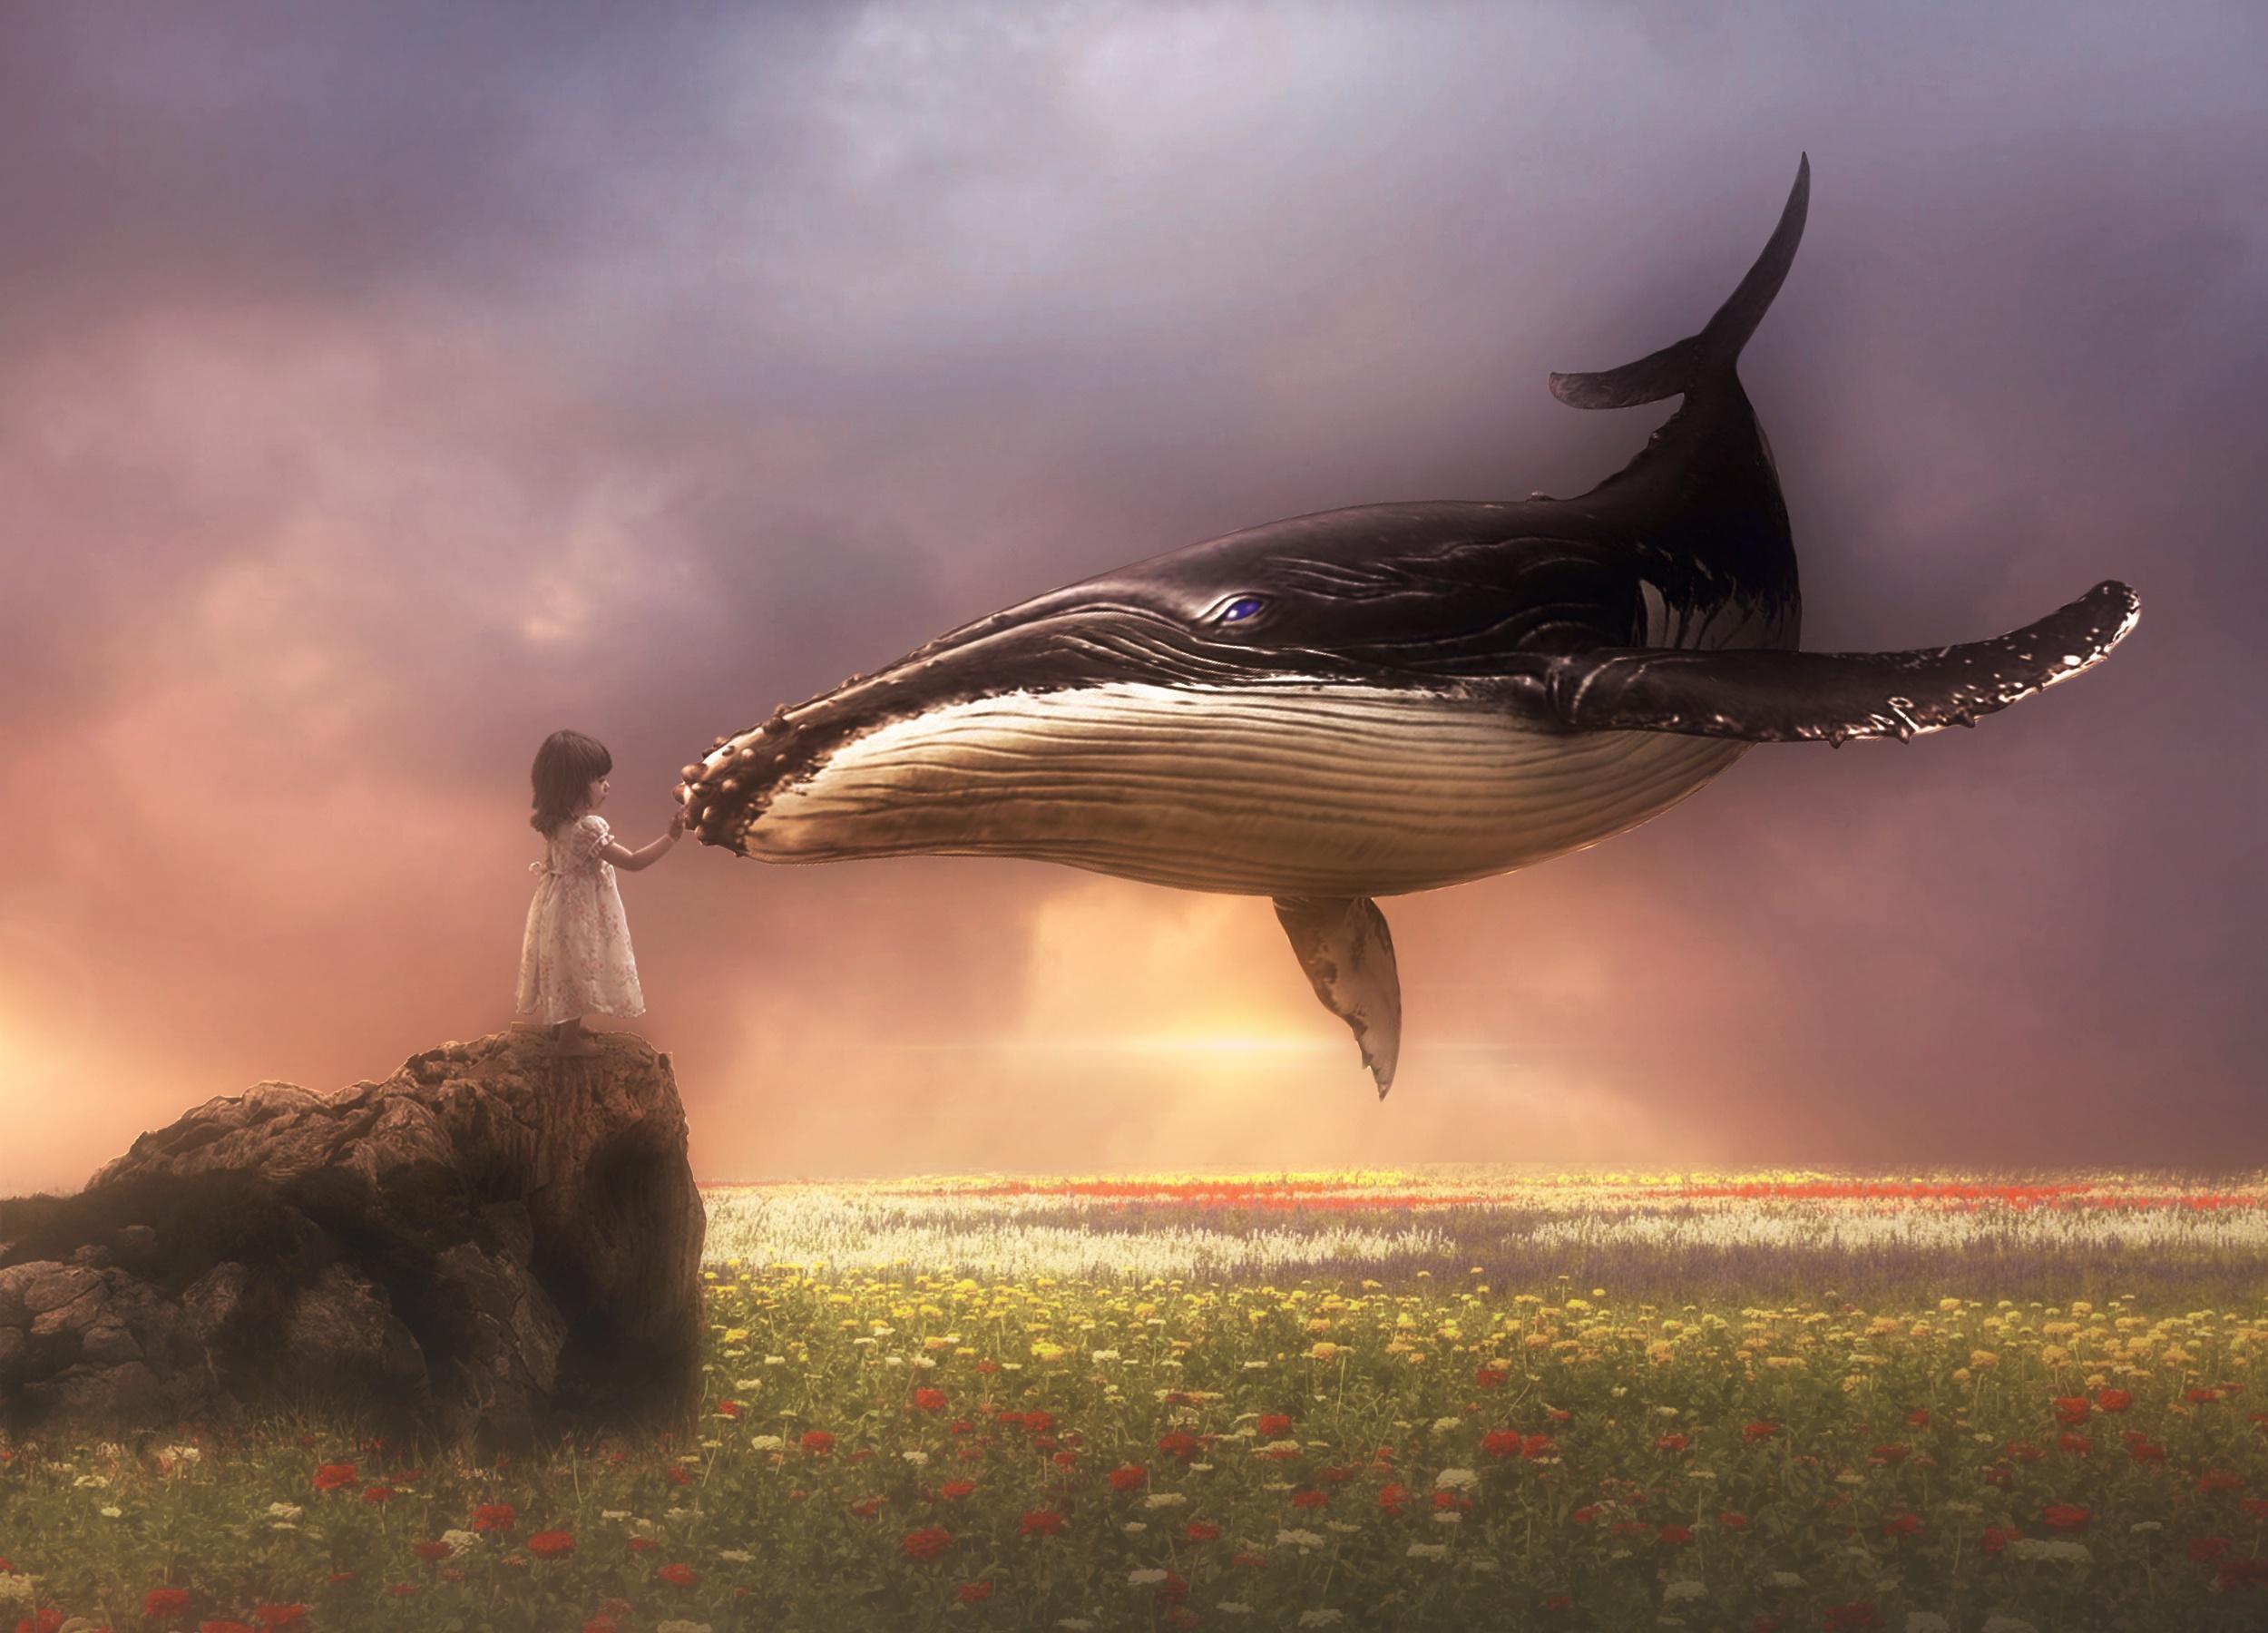 вверху киты в небе картинки высокого разрешения улыбками считают